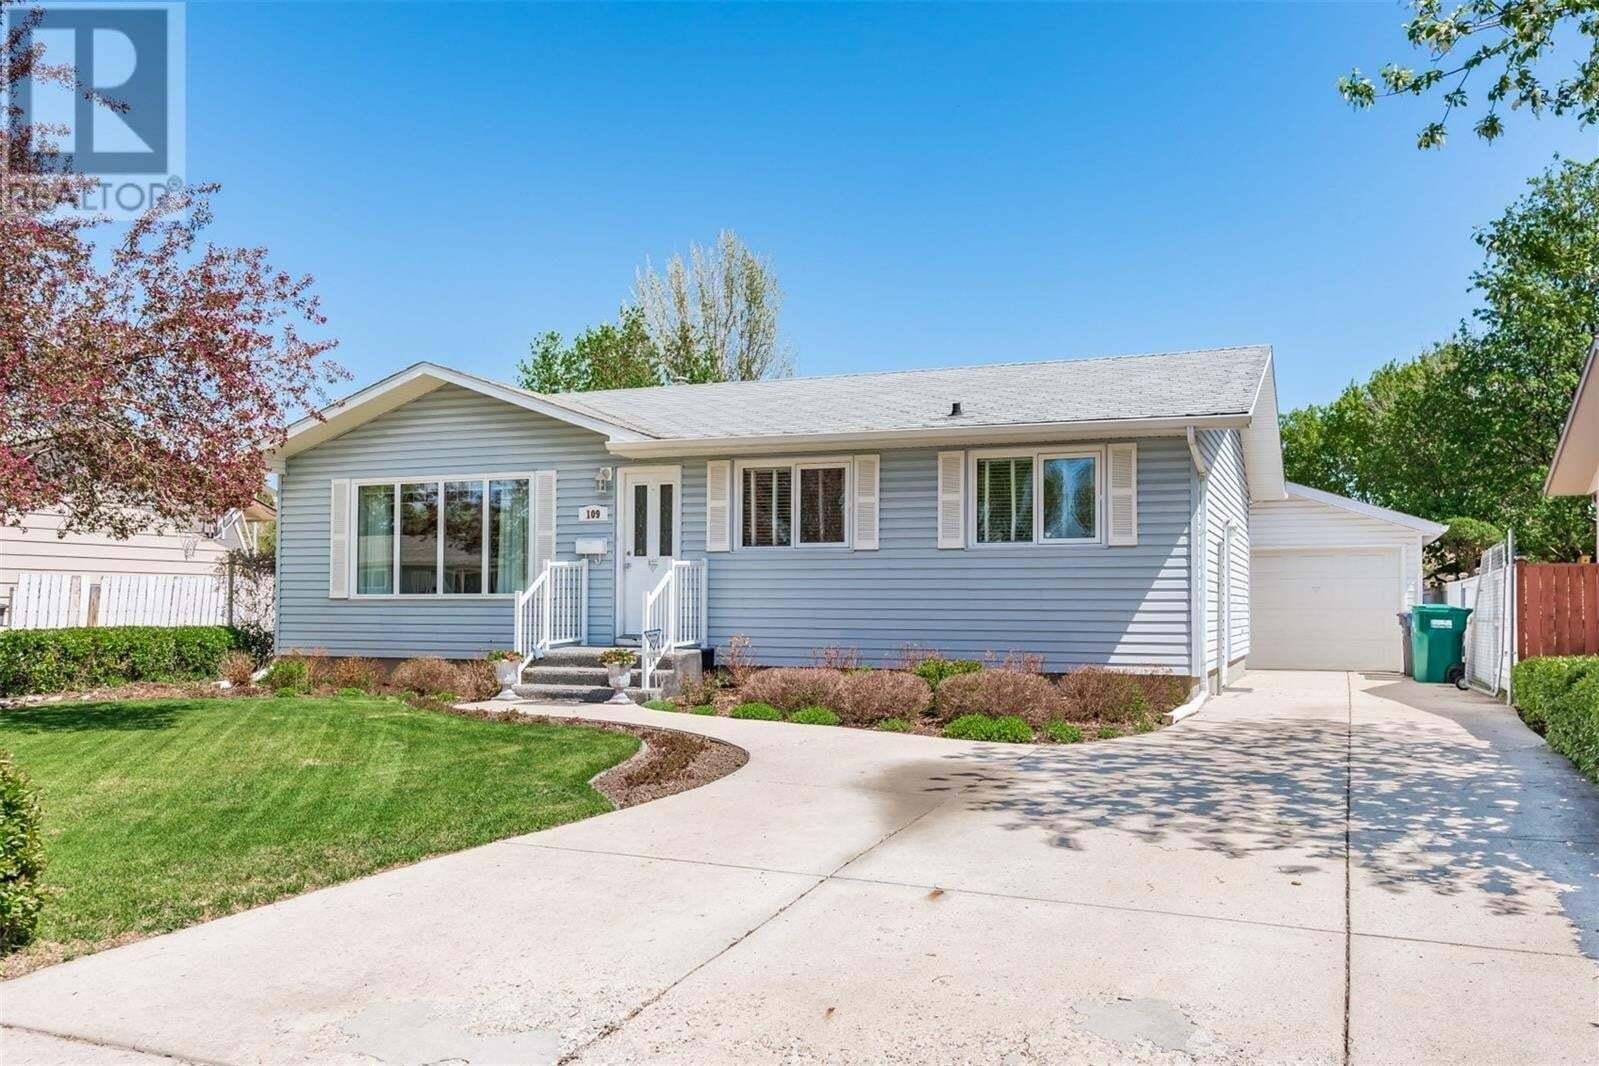 House for sale at 109 Lloyd Cres Saskatoon Saskatchewan - MLS: SK809639